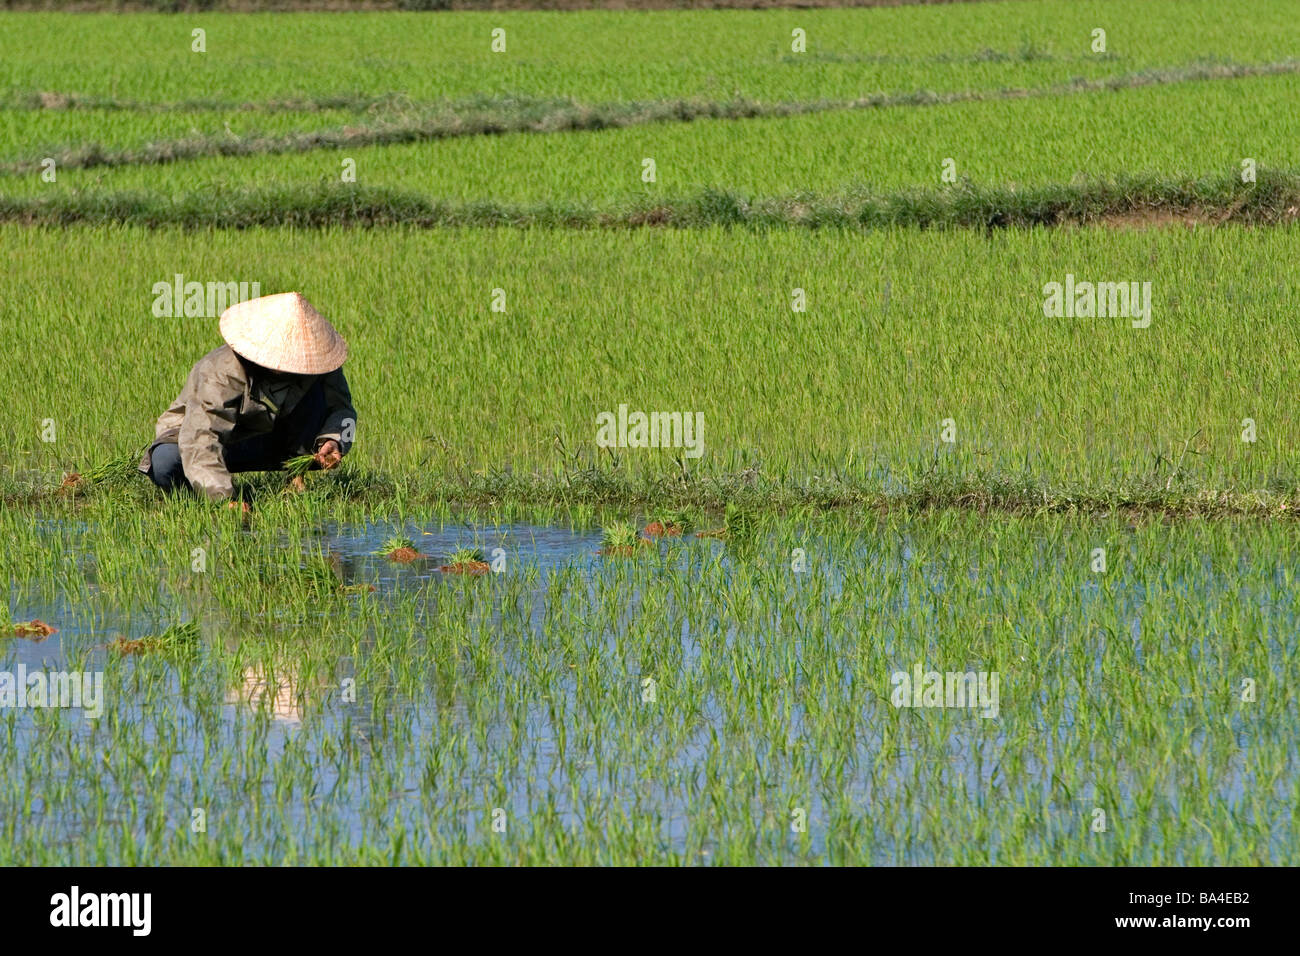 Agriculteur vietnamien tend à une rizière près de Hoi An Vietnam Photo Stock